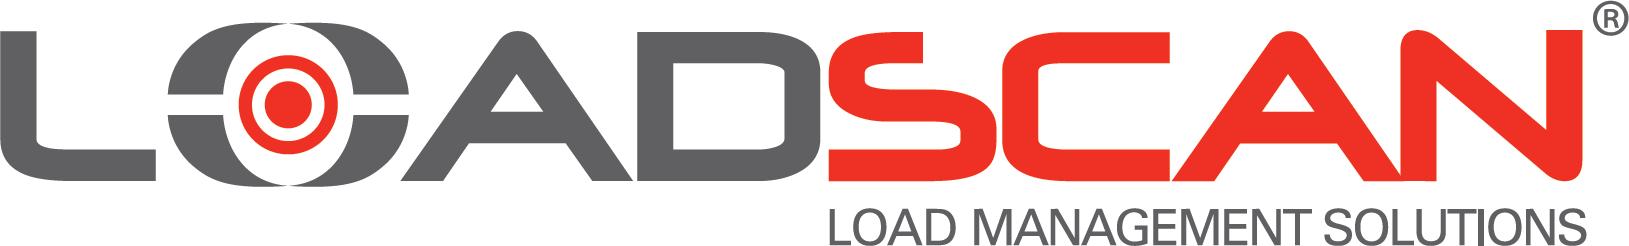 Loadscan.com